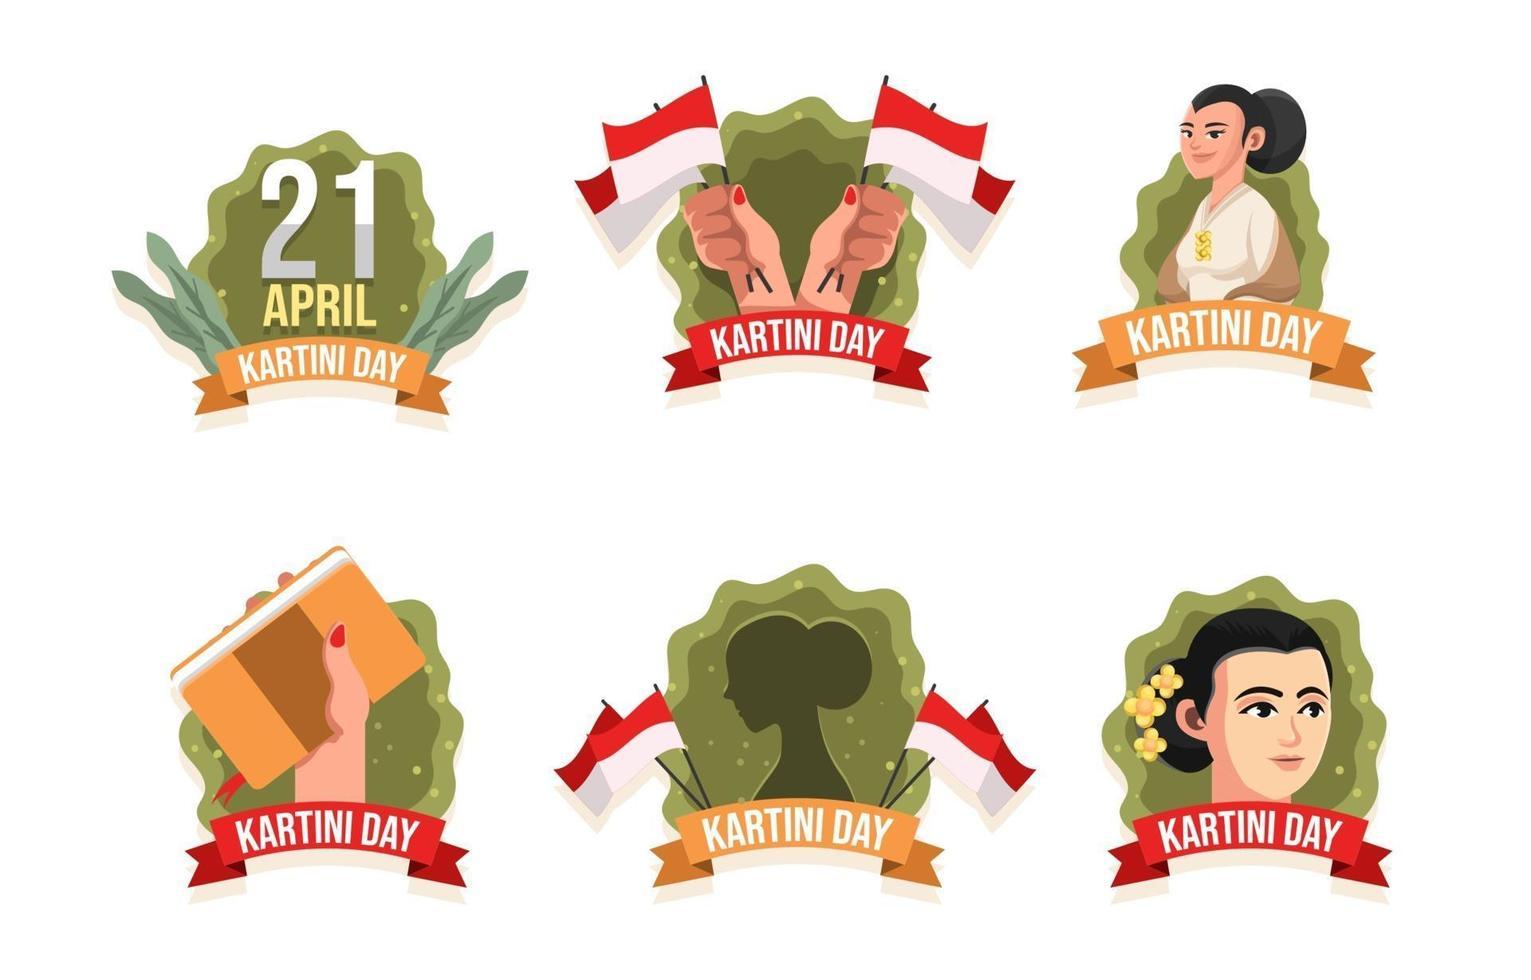 célébrant le badge de la journée kartini femme vecteur